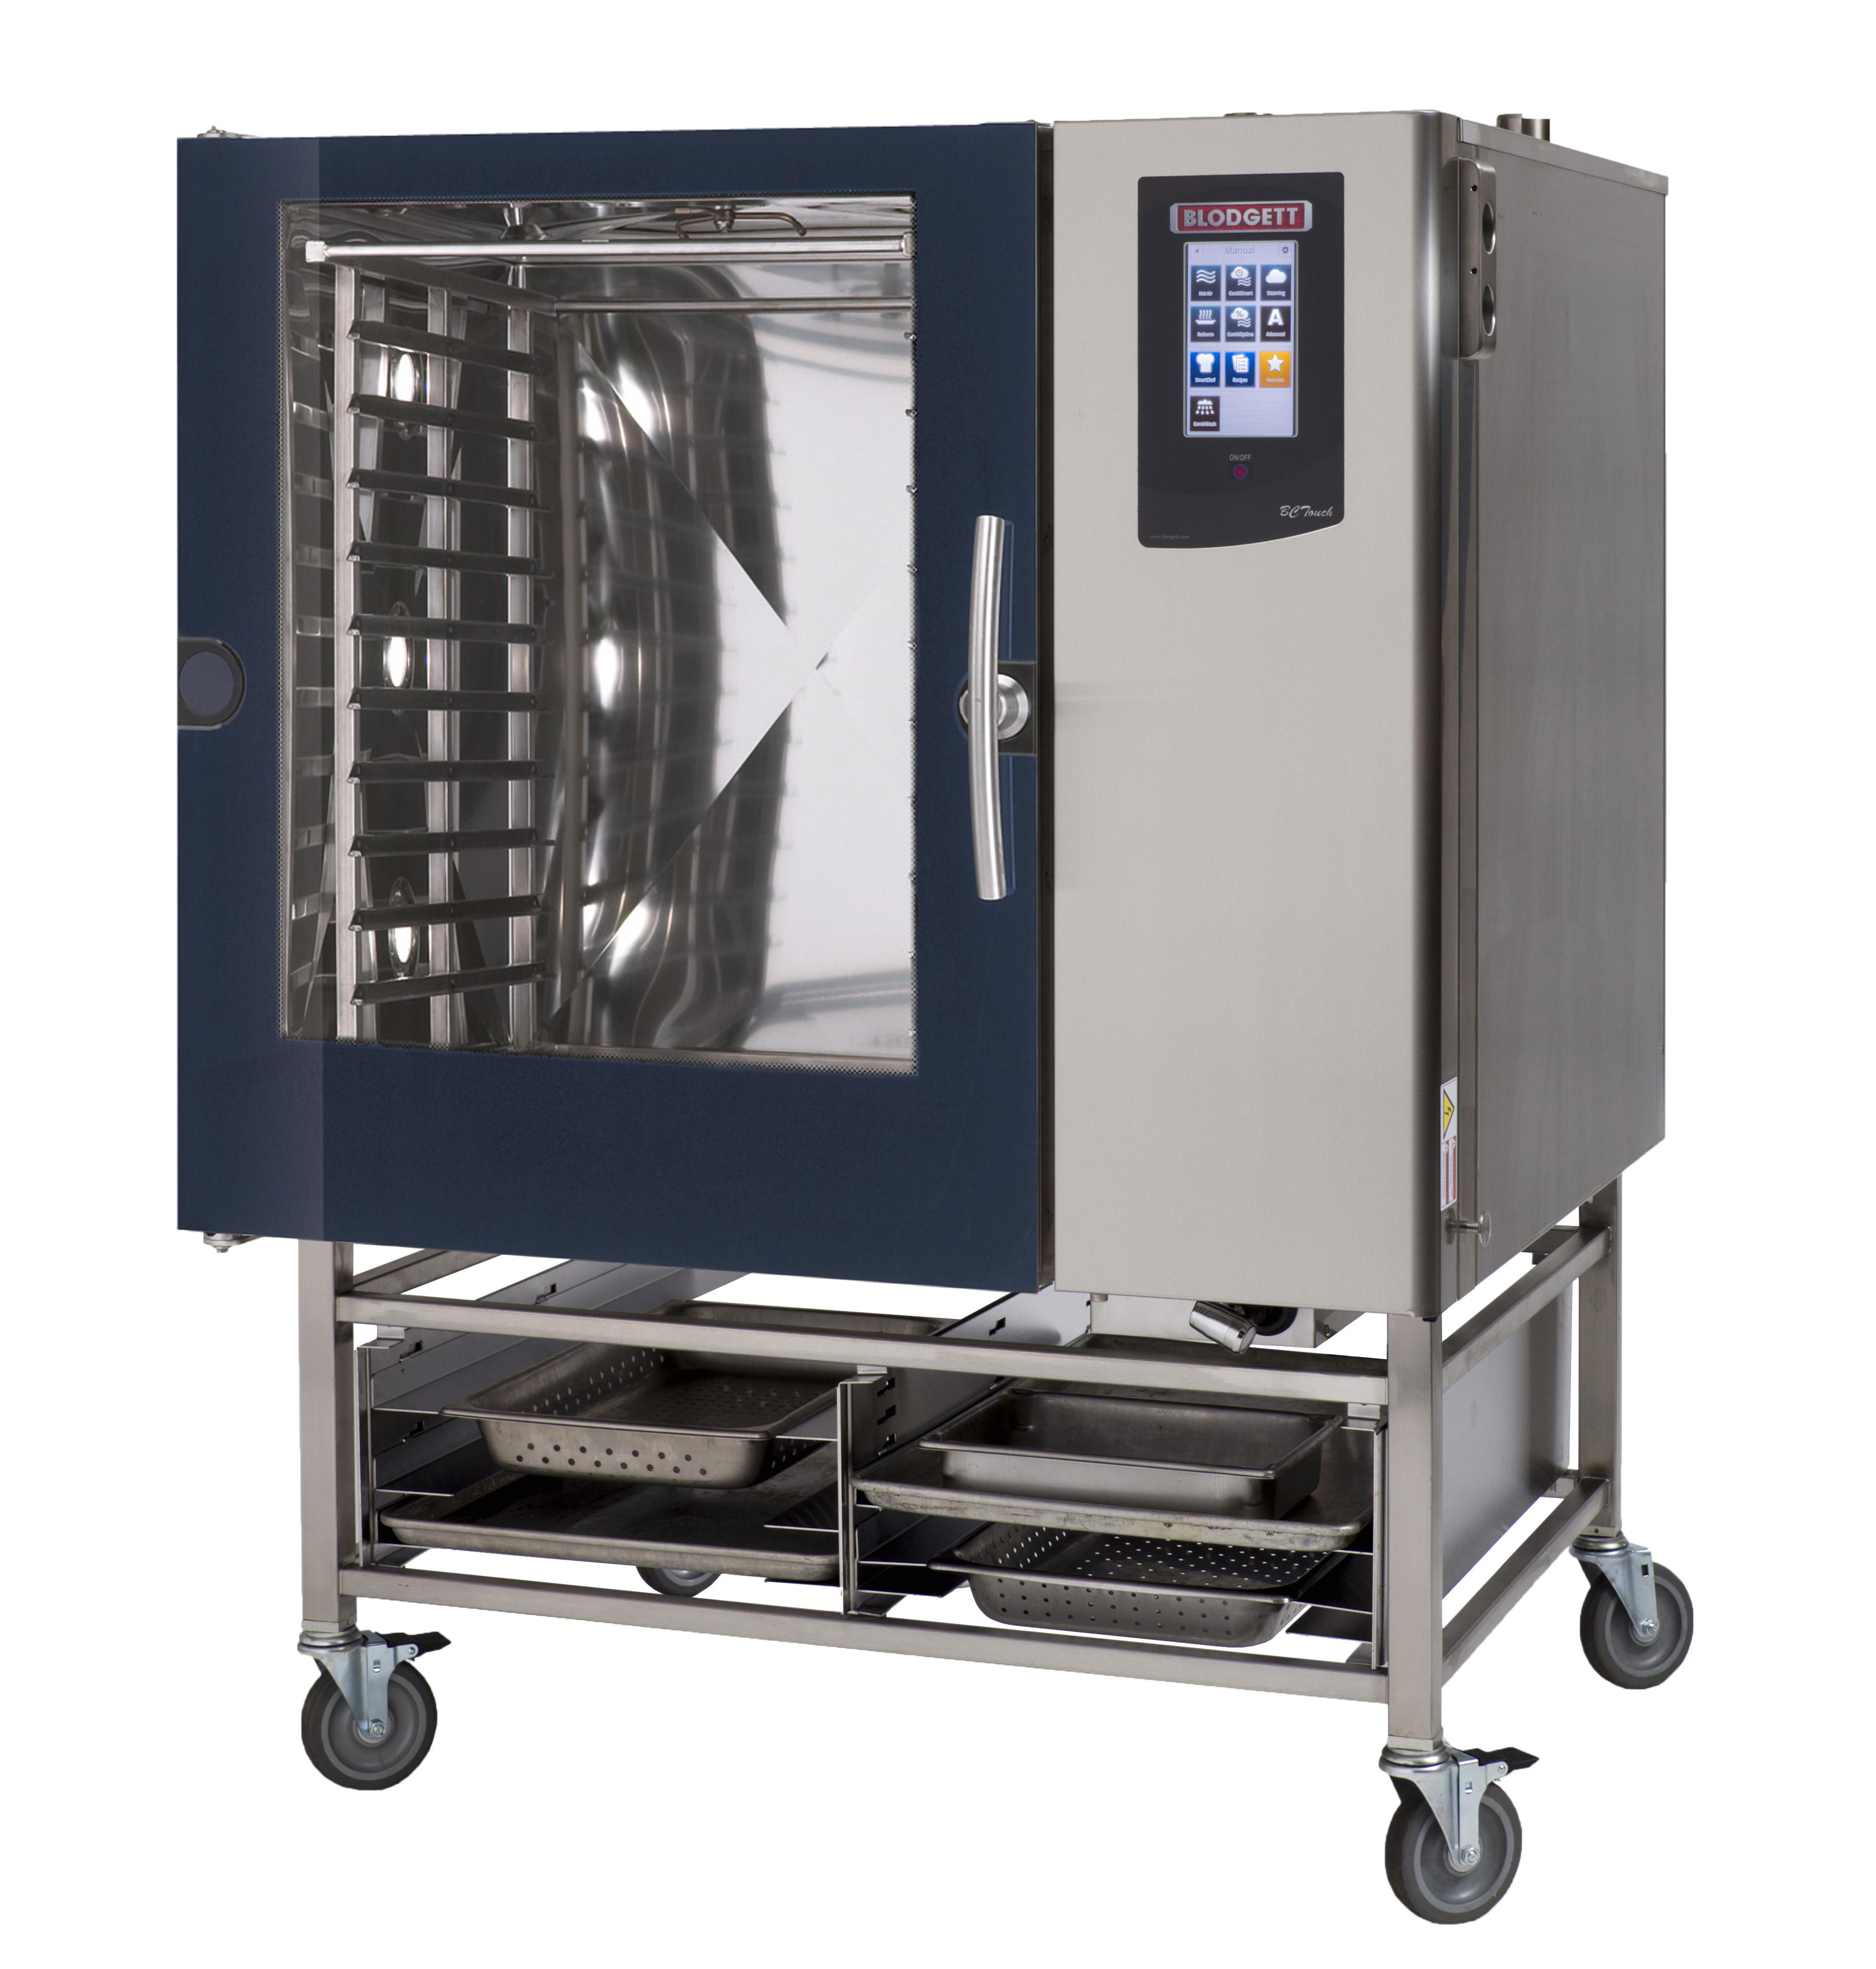 Blodgett BCT102G combi oven